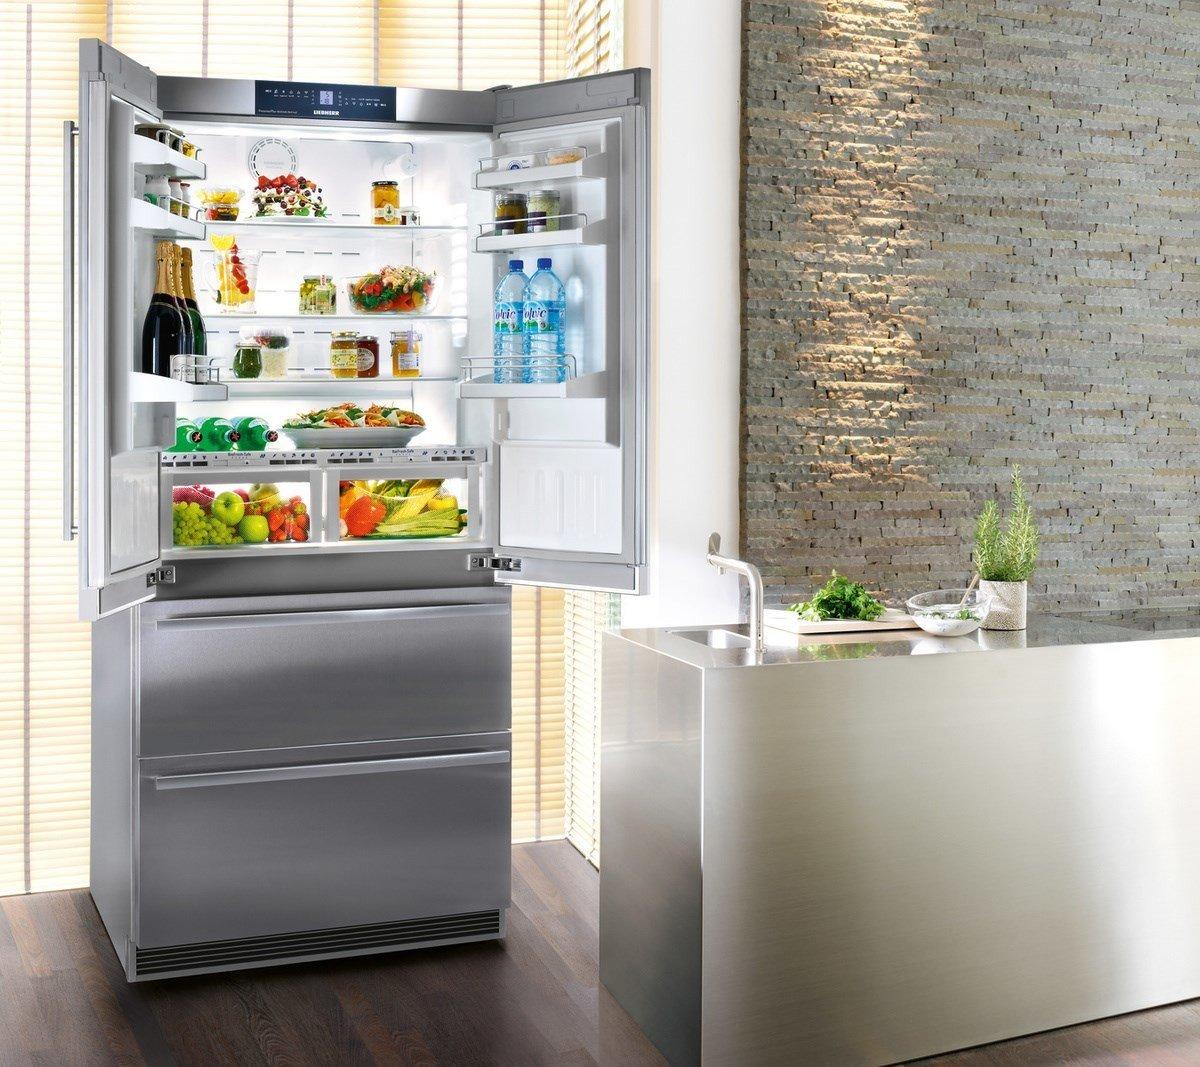 ТОП 10 лучших холодильников в рейтинге 2019 года фото